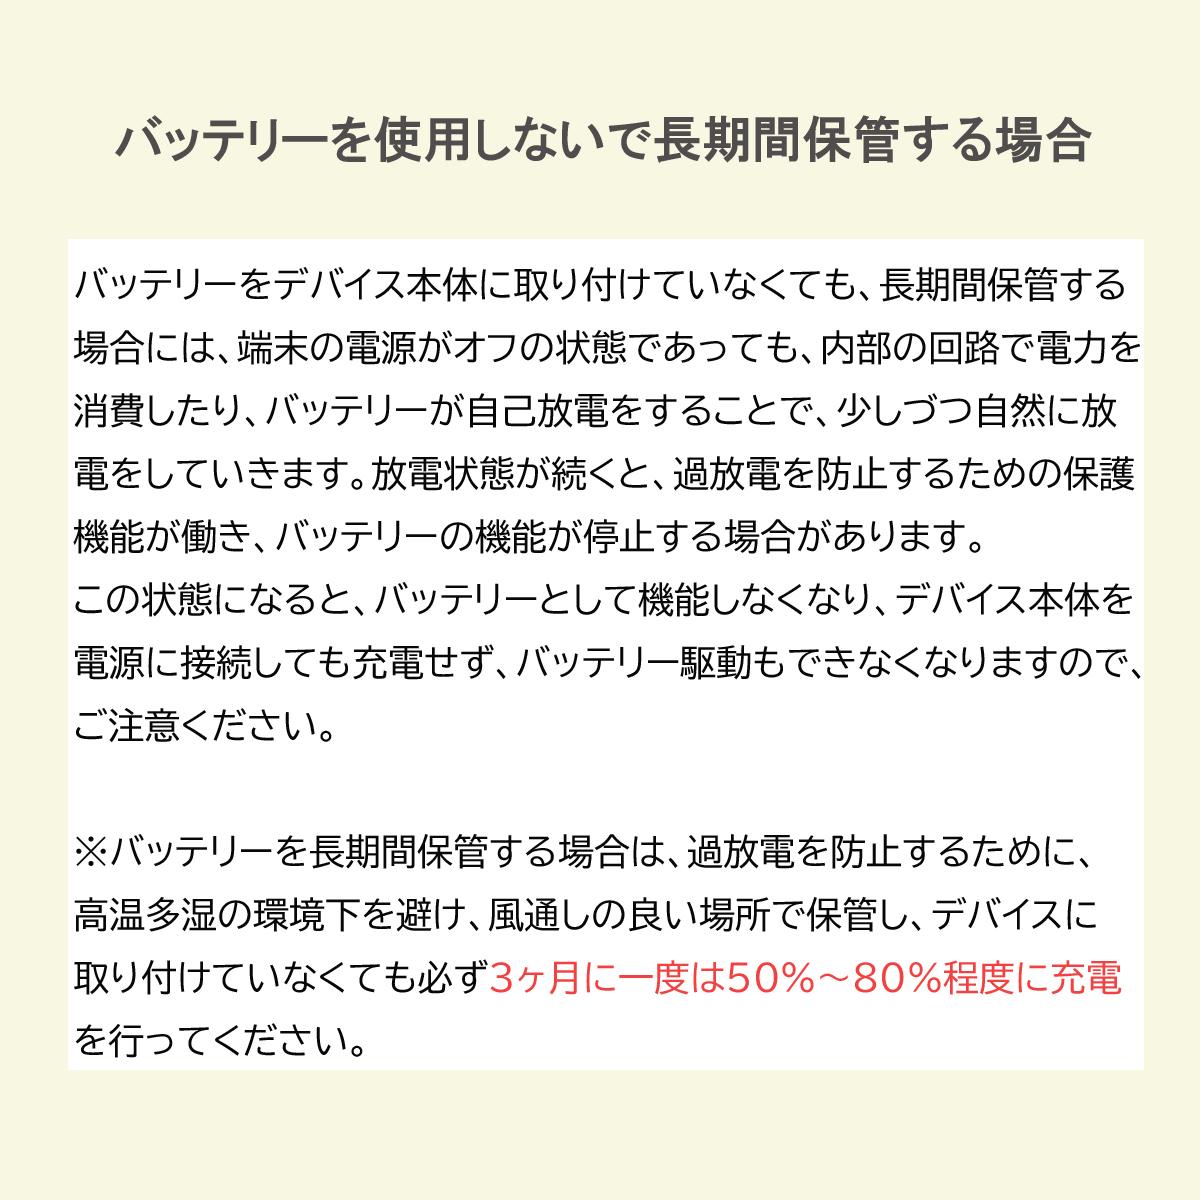 """【全国送料無料】Apple アップル MacBook Pro 13"""" A1278 MB990J/A MB991J/A MC700J/A MC374J/A MC375J/A MD101J/A MD313J/A 交換用バッテリー 専用工具付属 A1322 対応"""